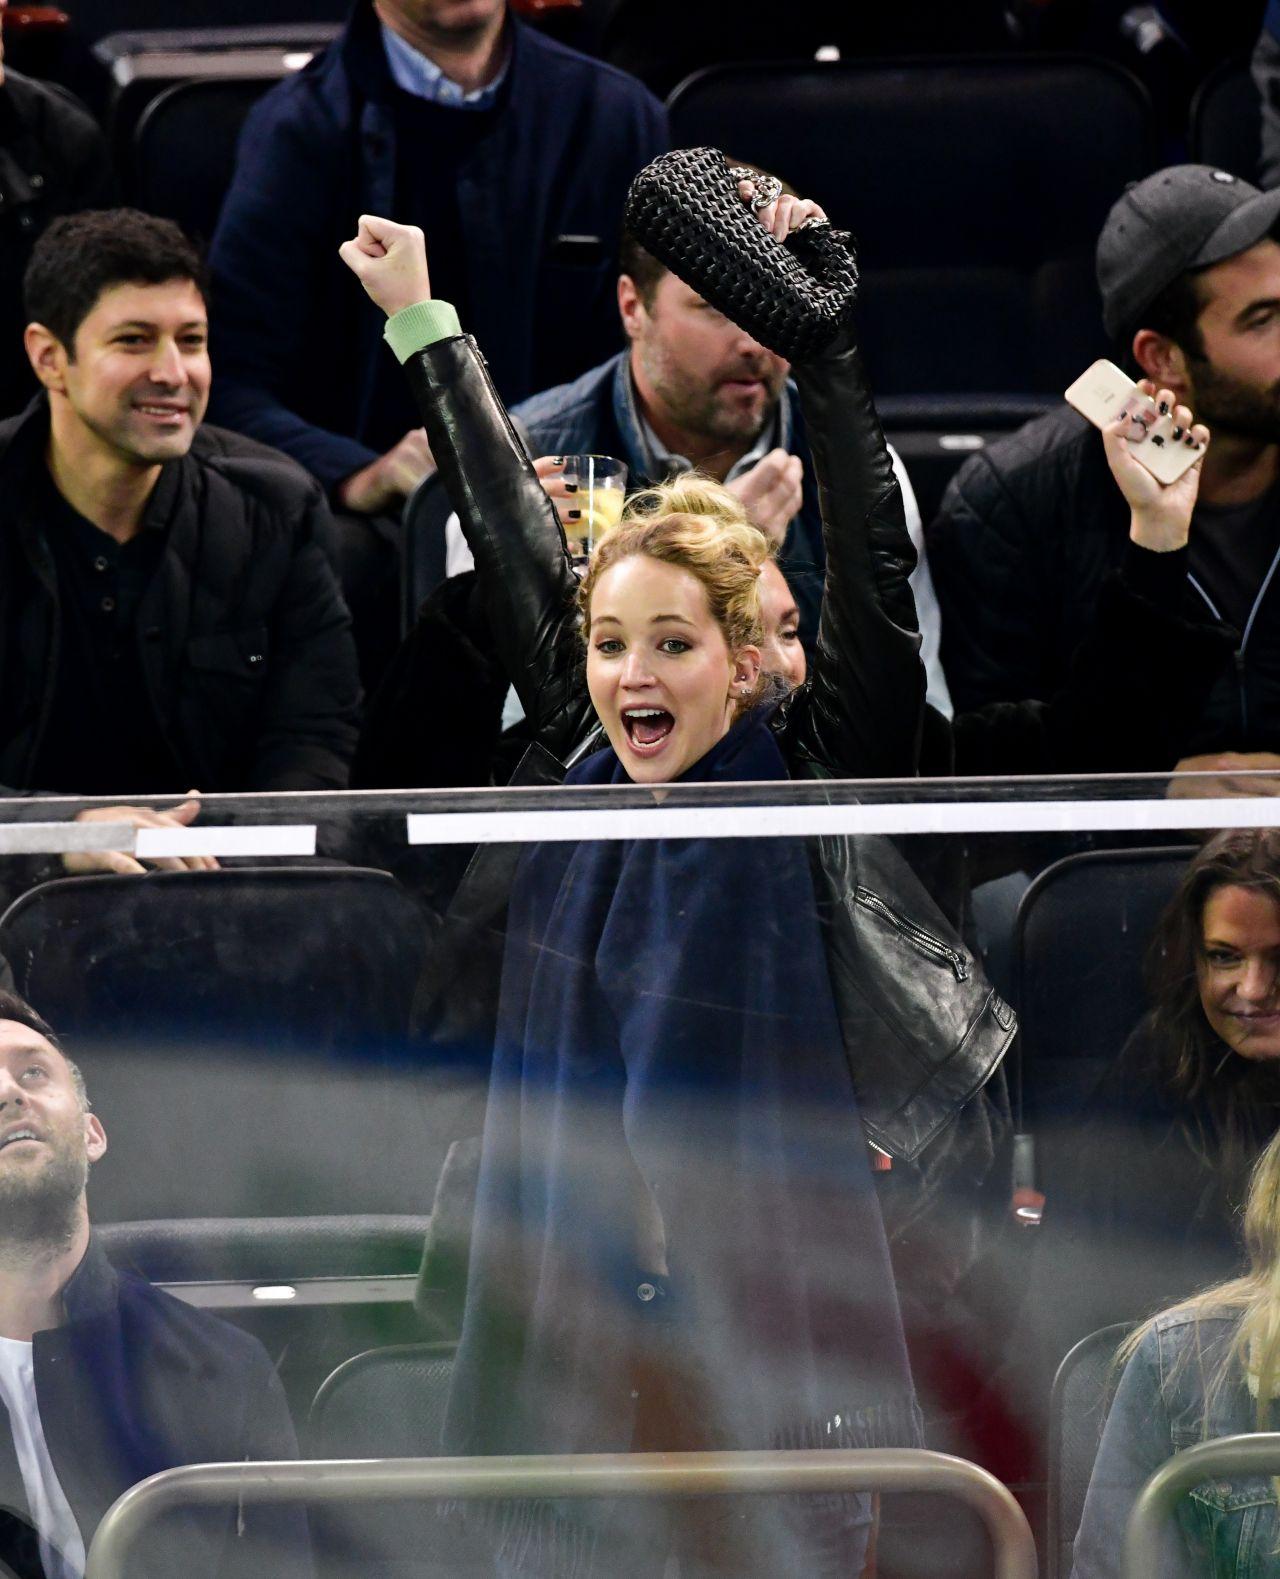 https://celebmafia.com/wp-content/uploads/2018/11/jennifer-lawrence-new-york-rangers-v-buffalo-sabres-nhl-hockey-game-in-new-york-11-04-2018-3.jpg